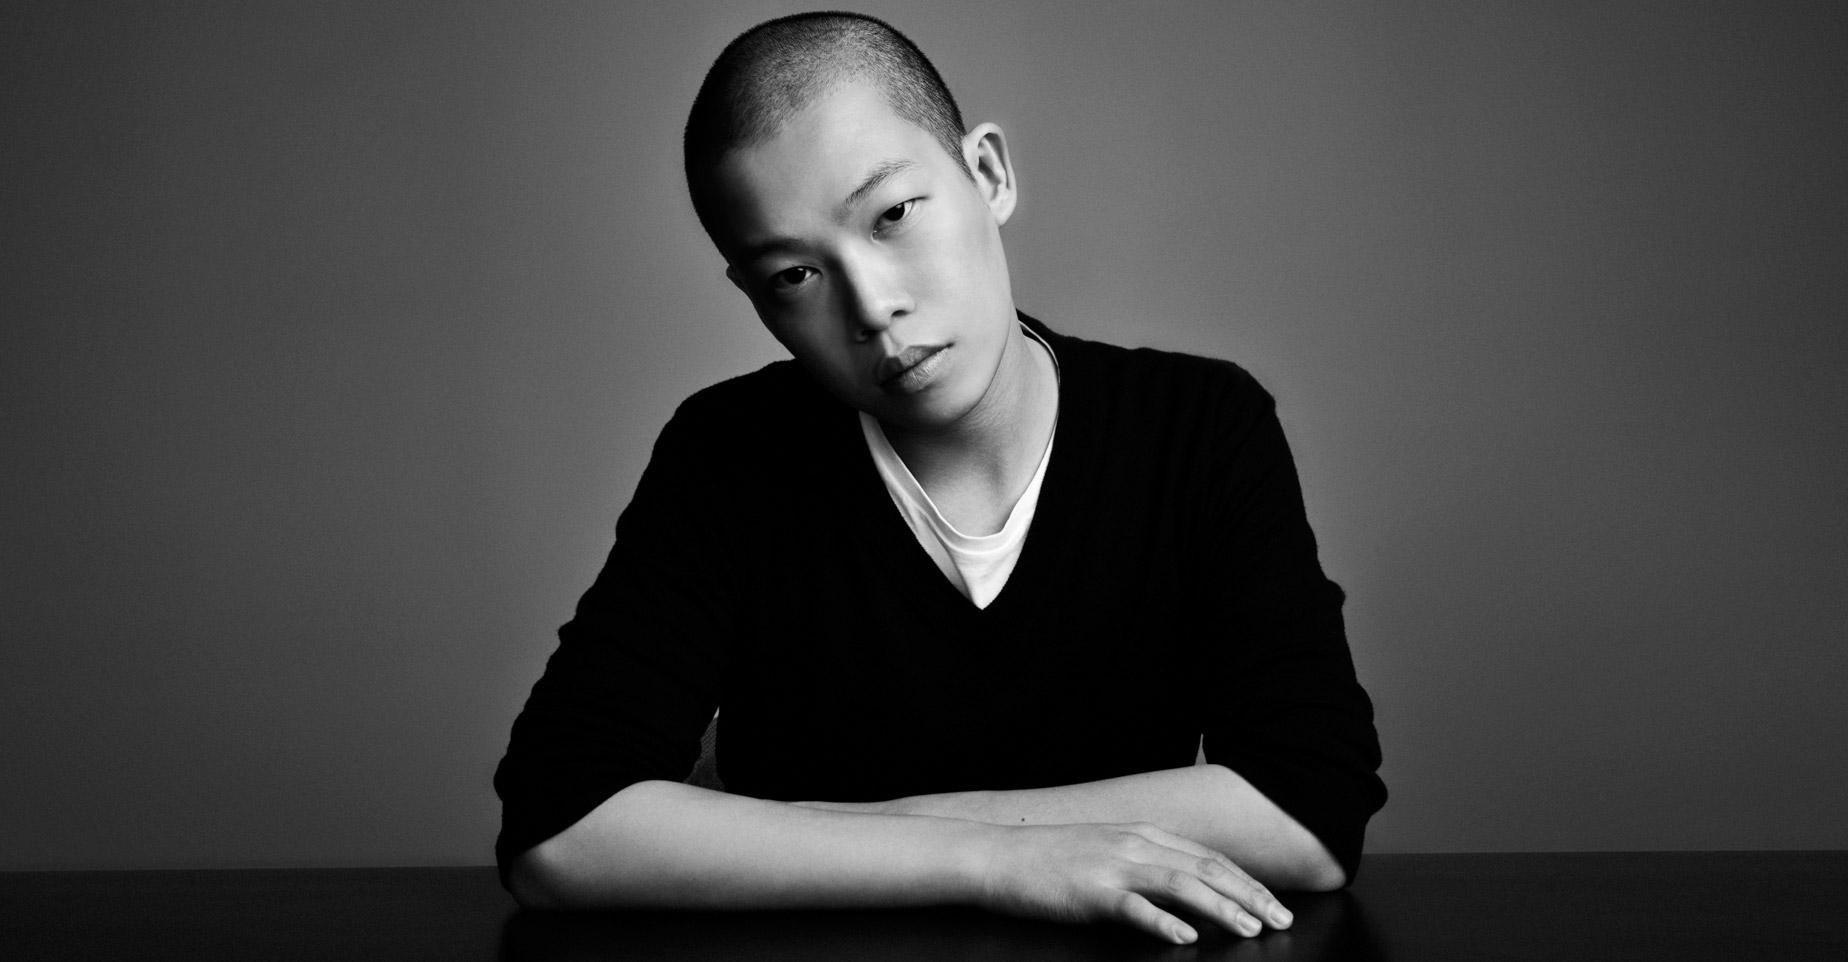 Jason-Wu-01